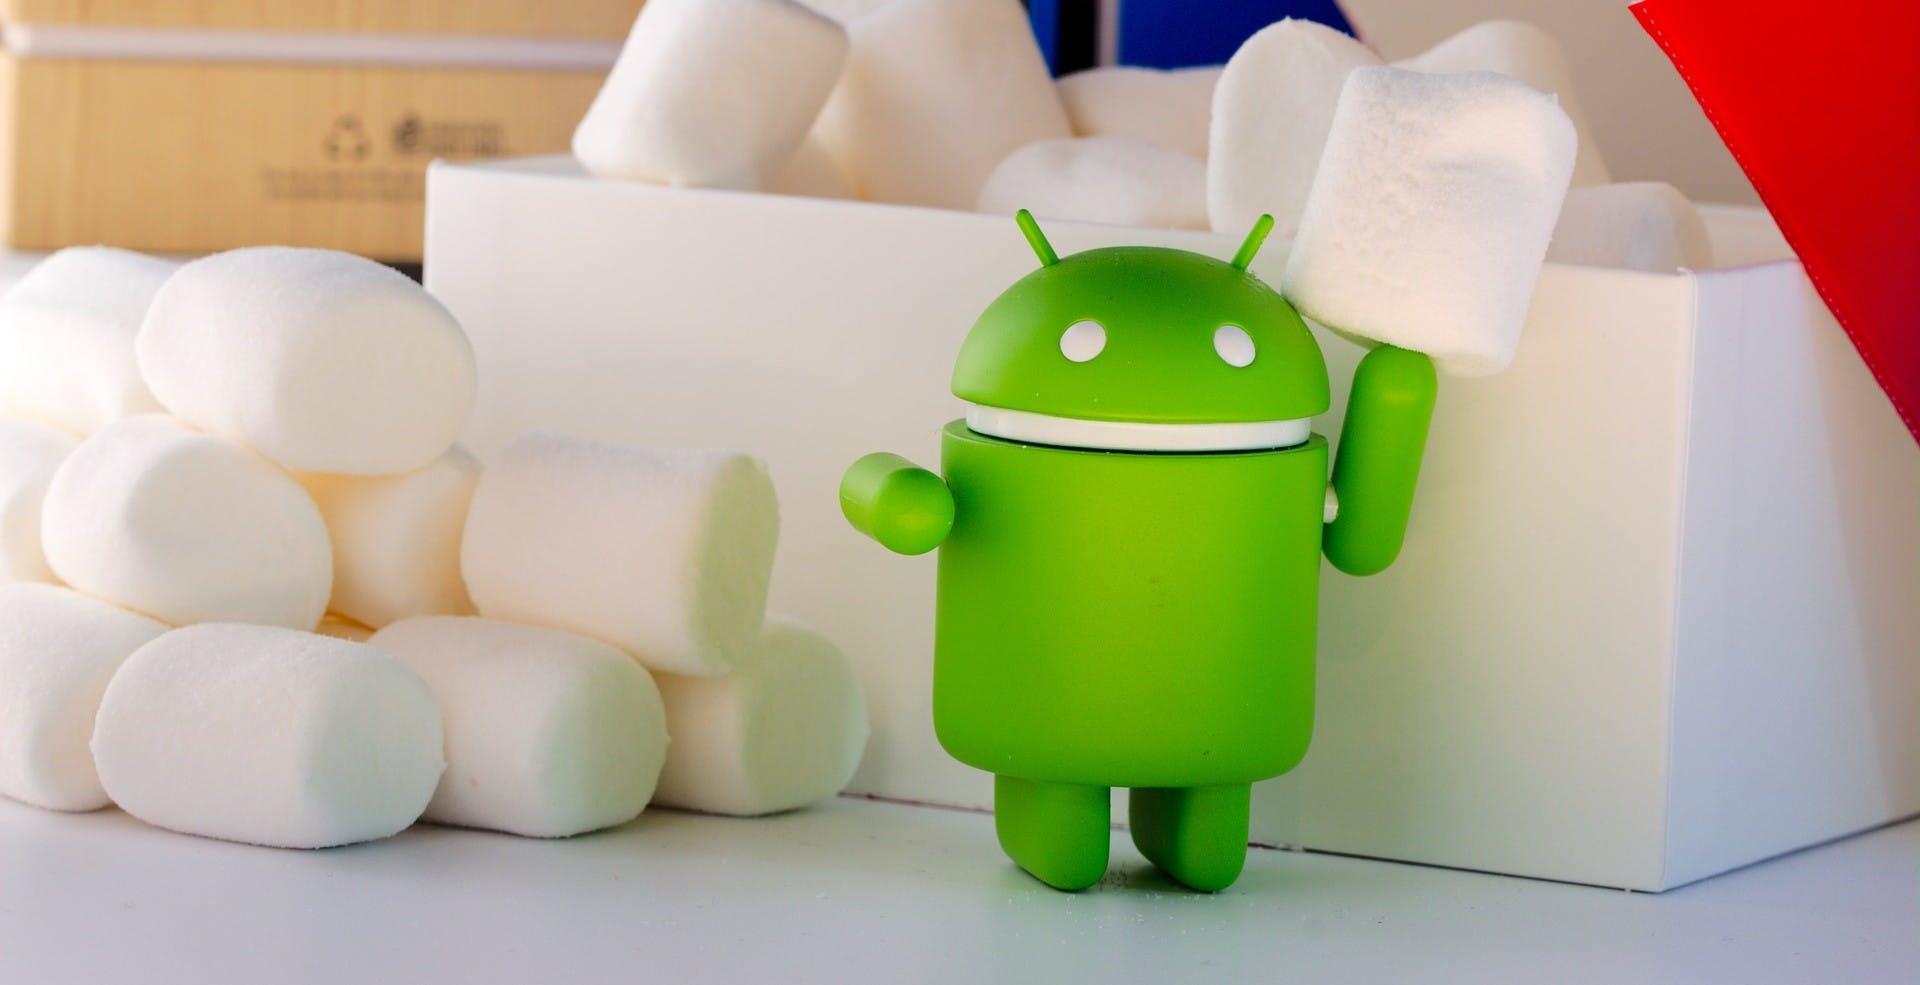 Il Play Store di Google è una macchina da soldi: 11 miliardi di dollari guadagnati nel 2019 con margini di profitto altissimi